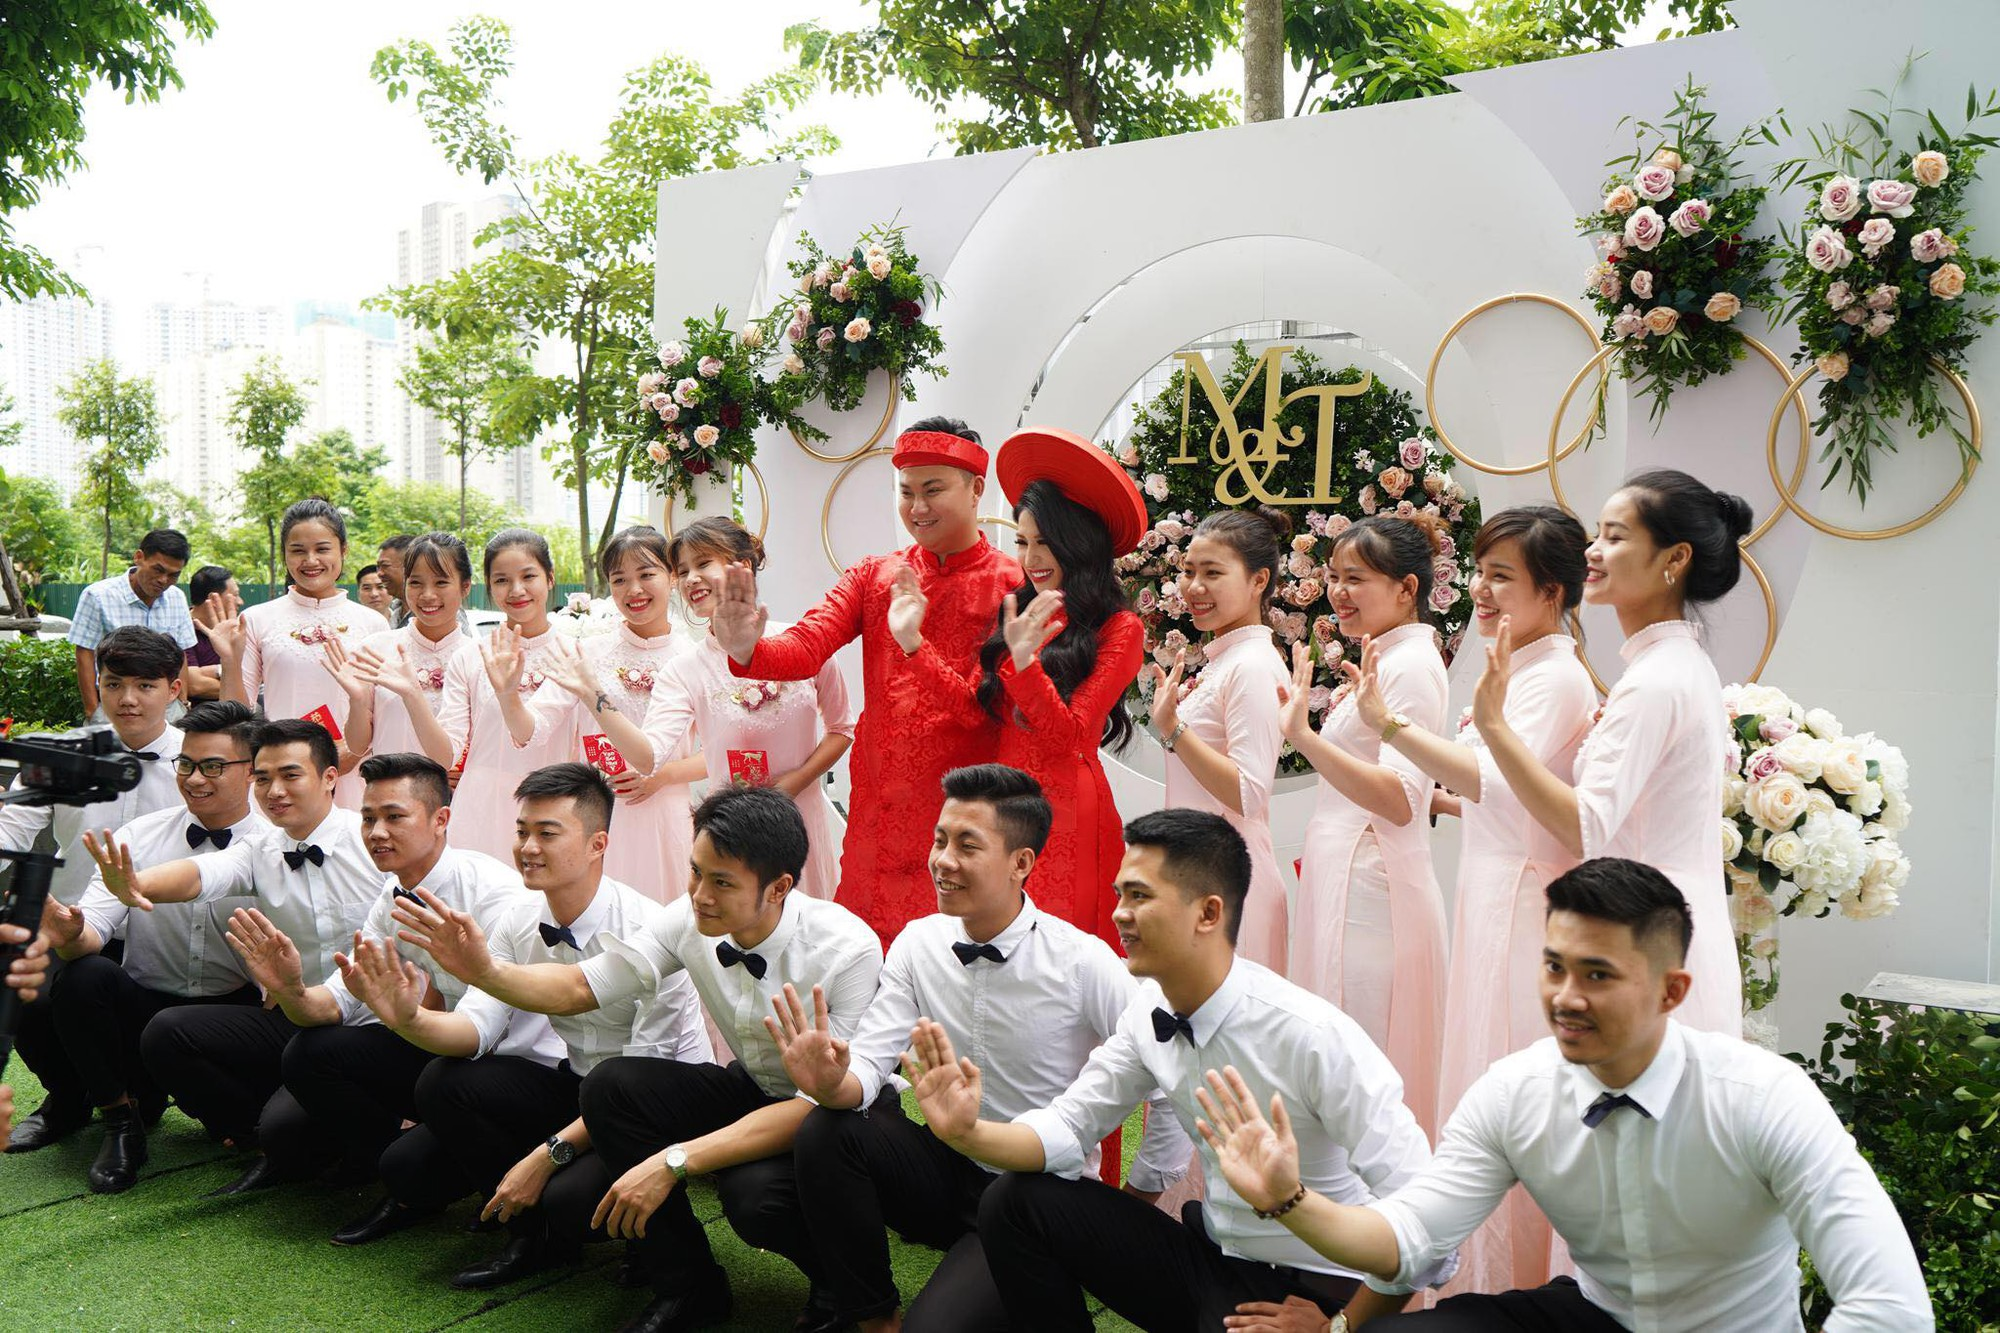 Toàn cảnh lễ ăn hỏi Vân Navy và chồng doanh nhân tại Hà Nội sáng nay- Ảnh 6.